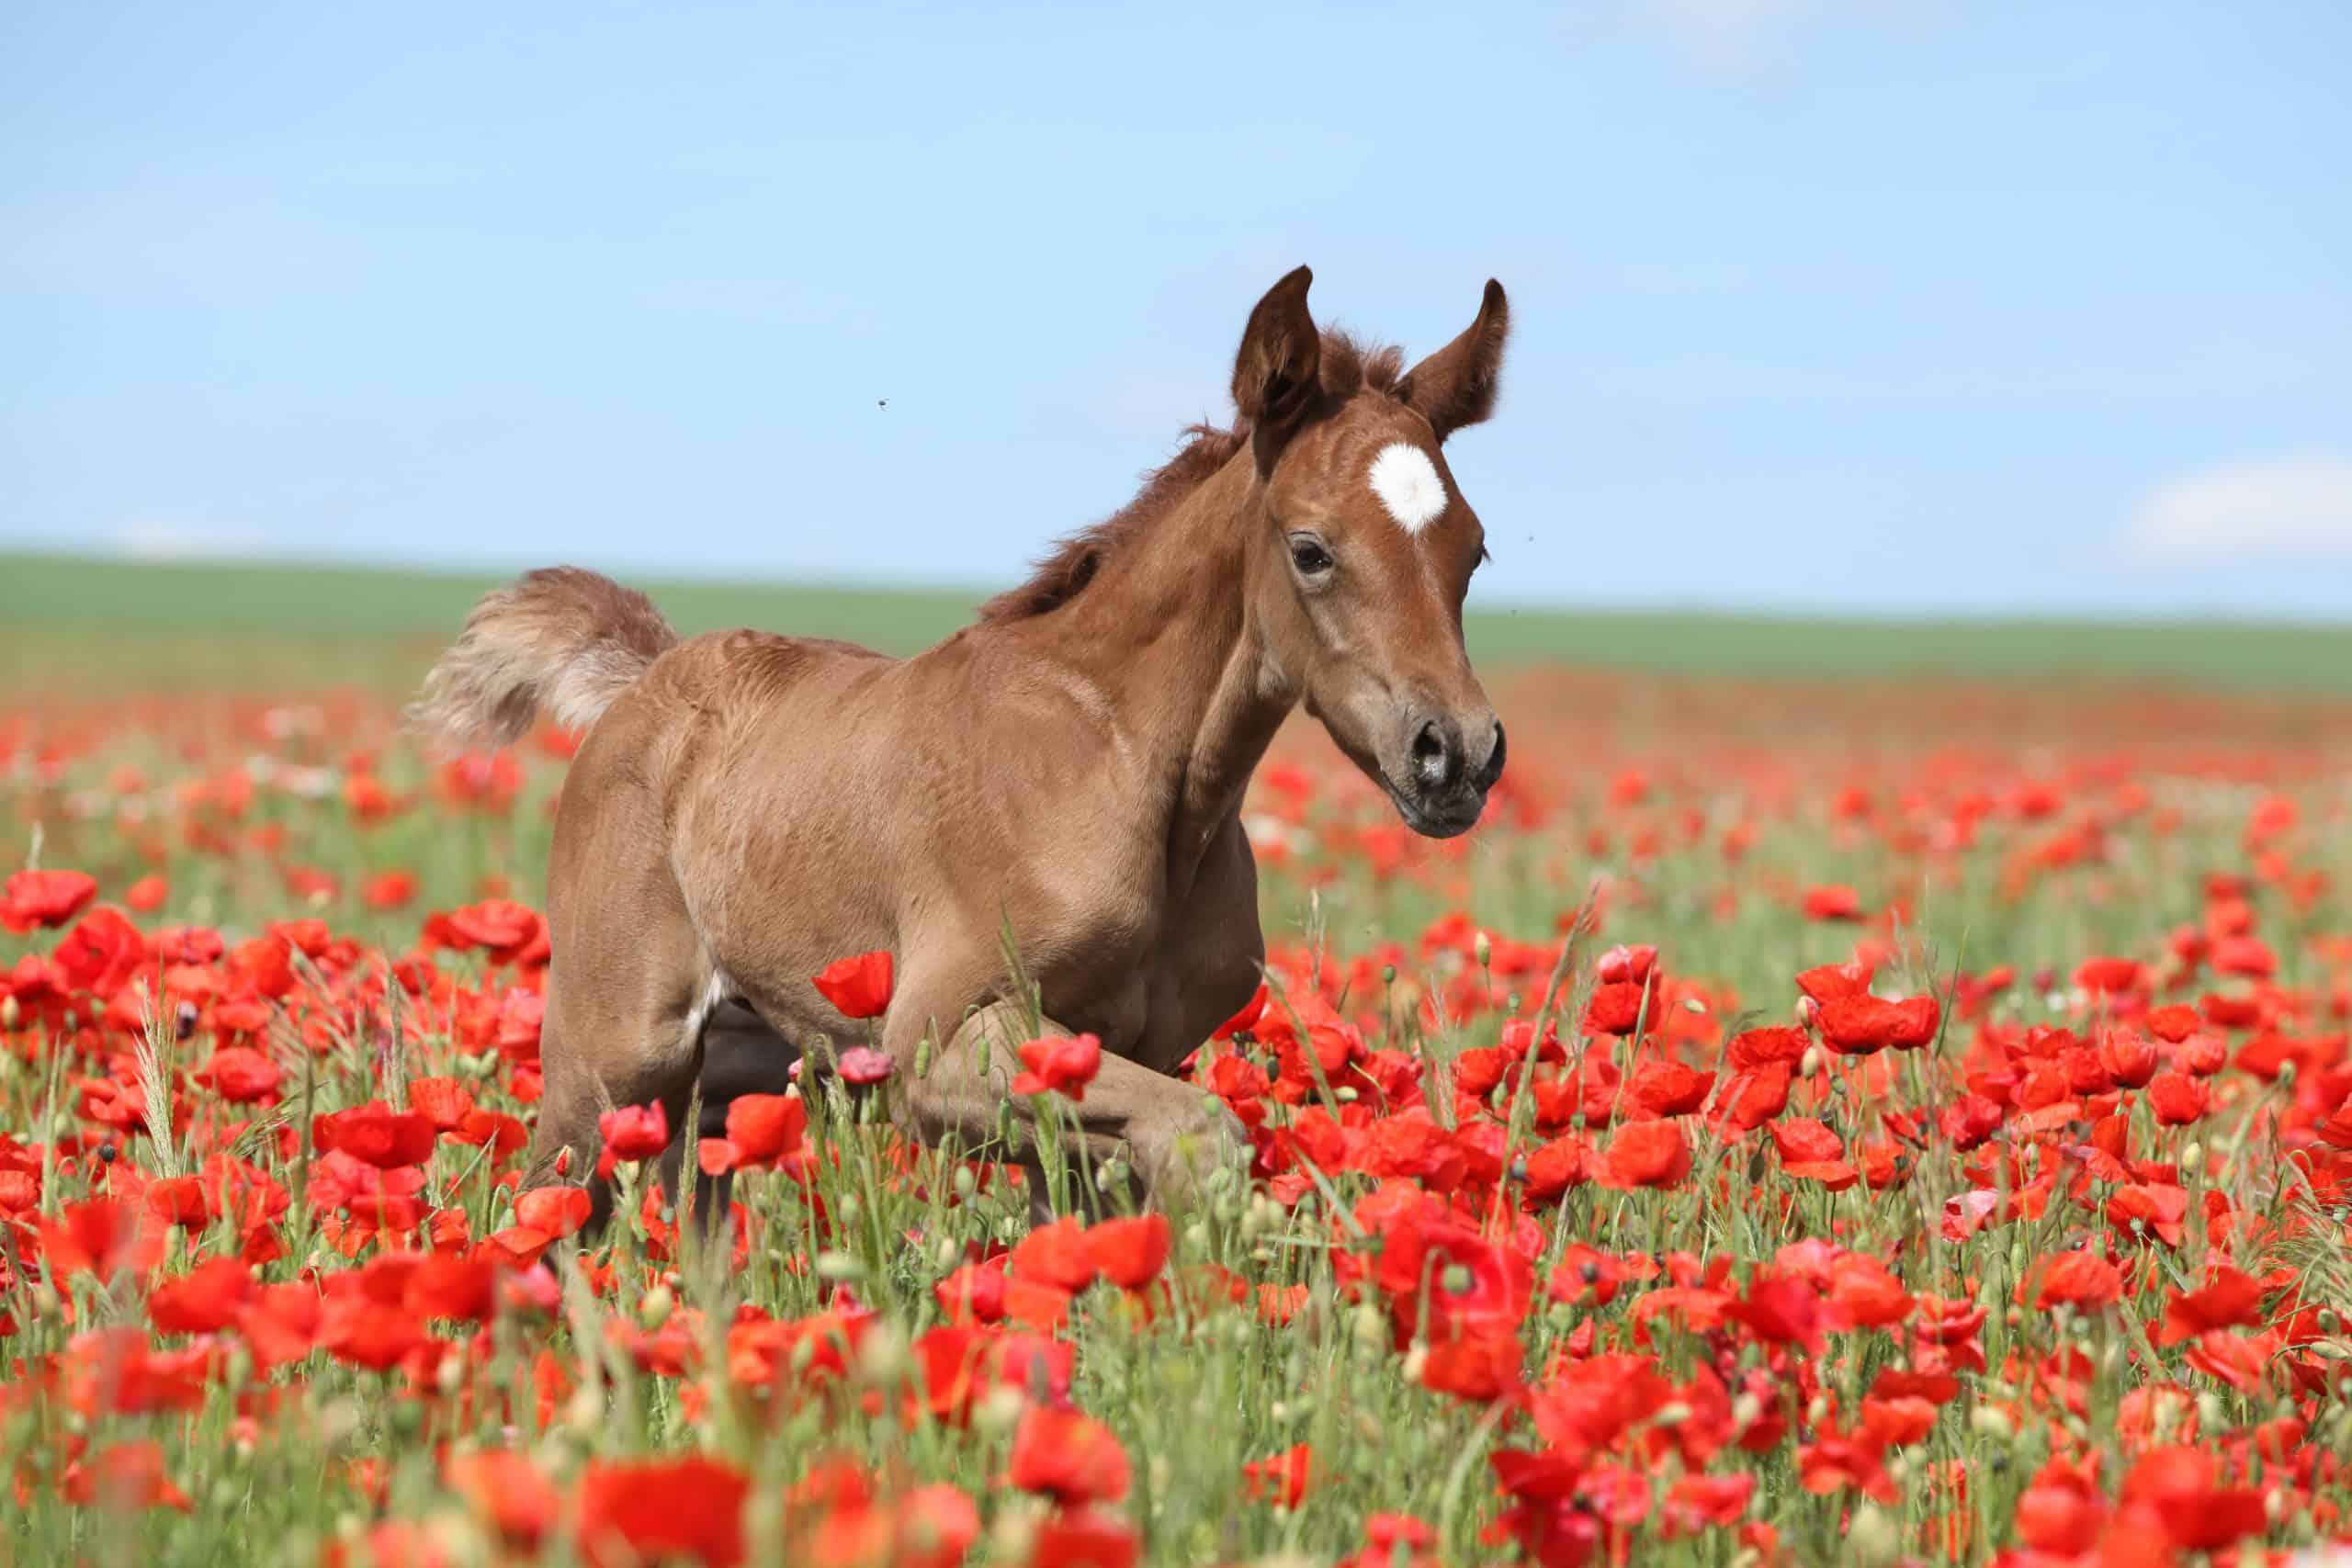 Arabian horse running in red poppy field